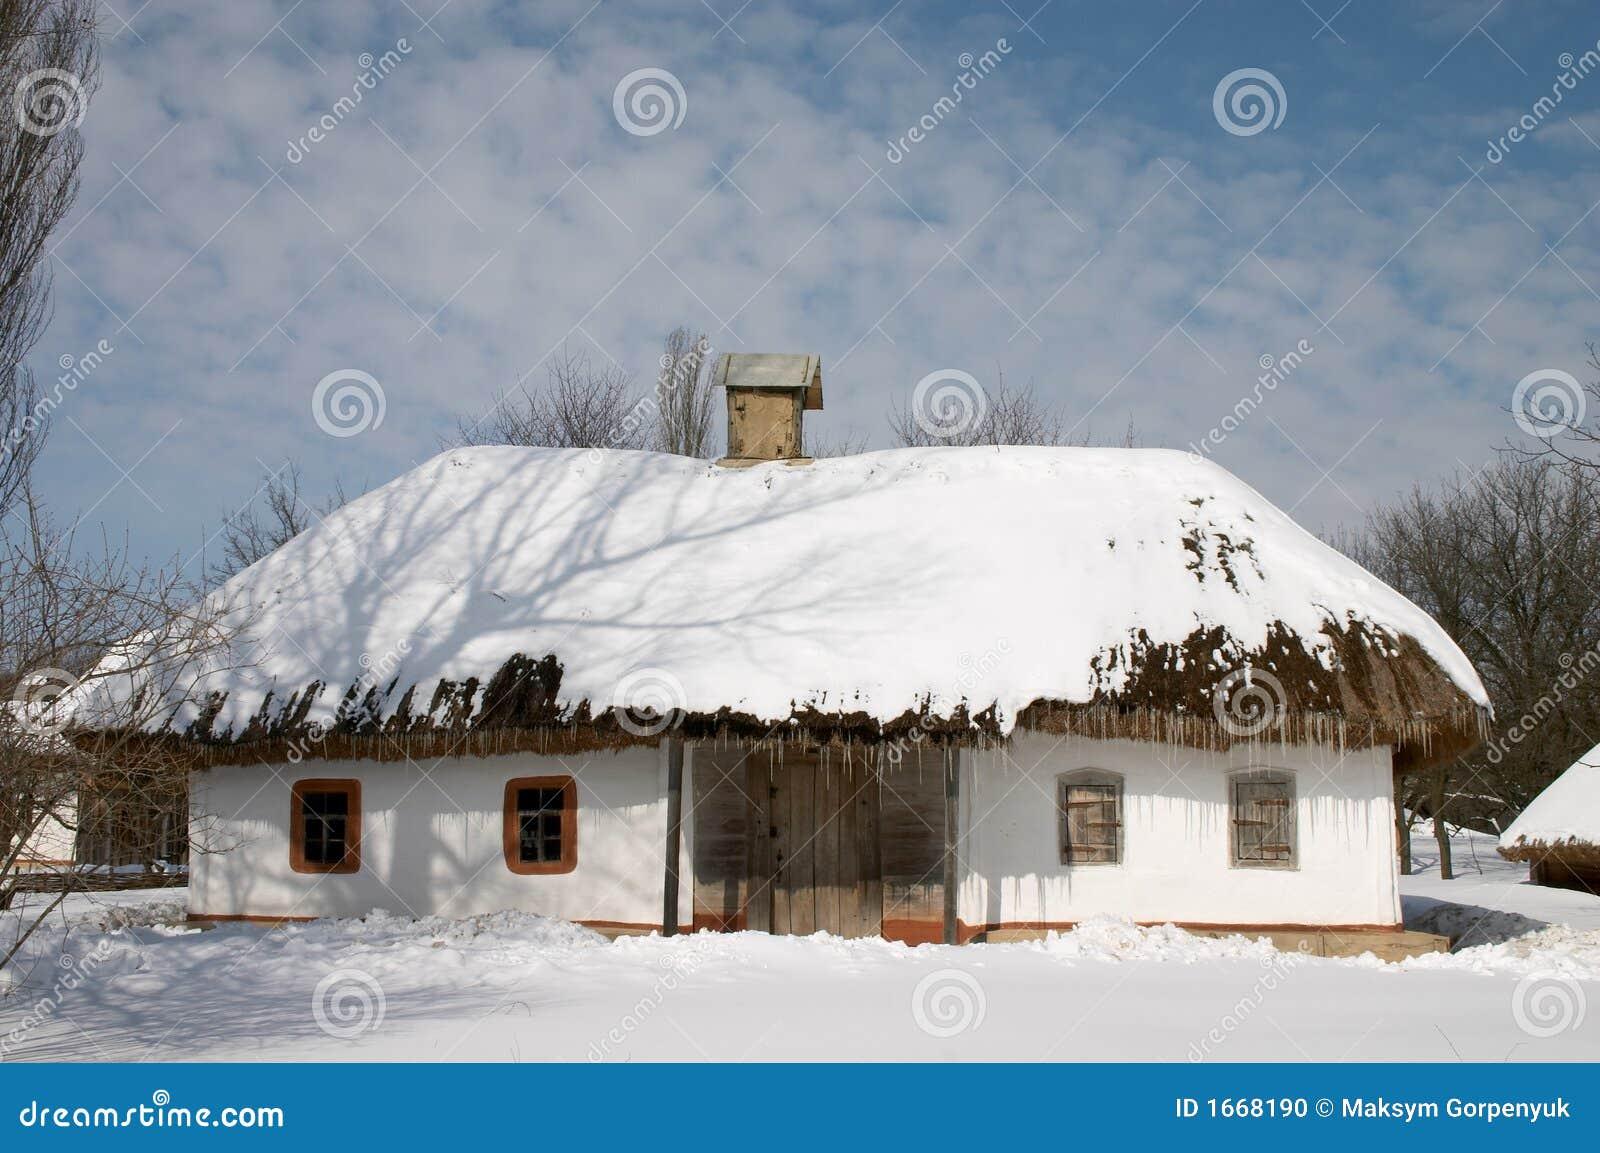 La maison du paysan sous la neige photo stock image 1668190 for La maison du paravent